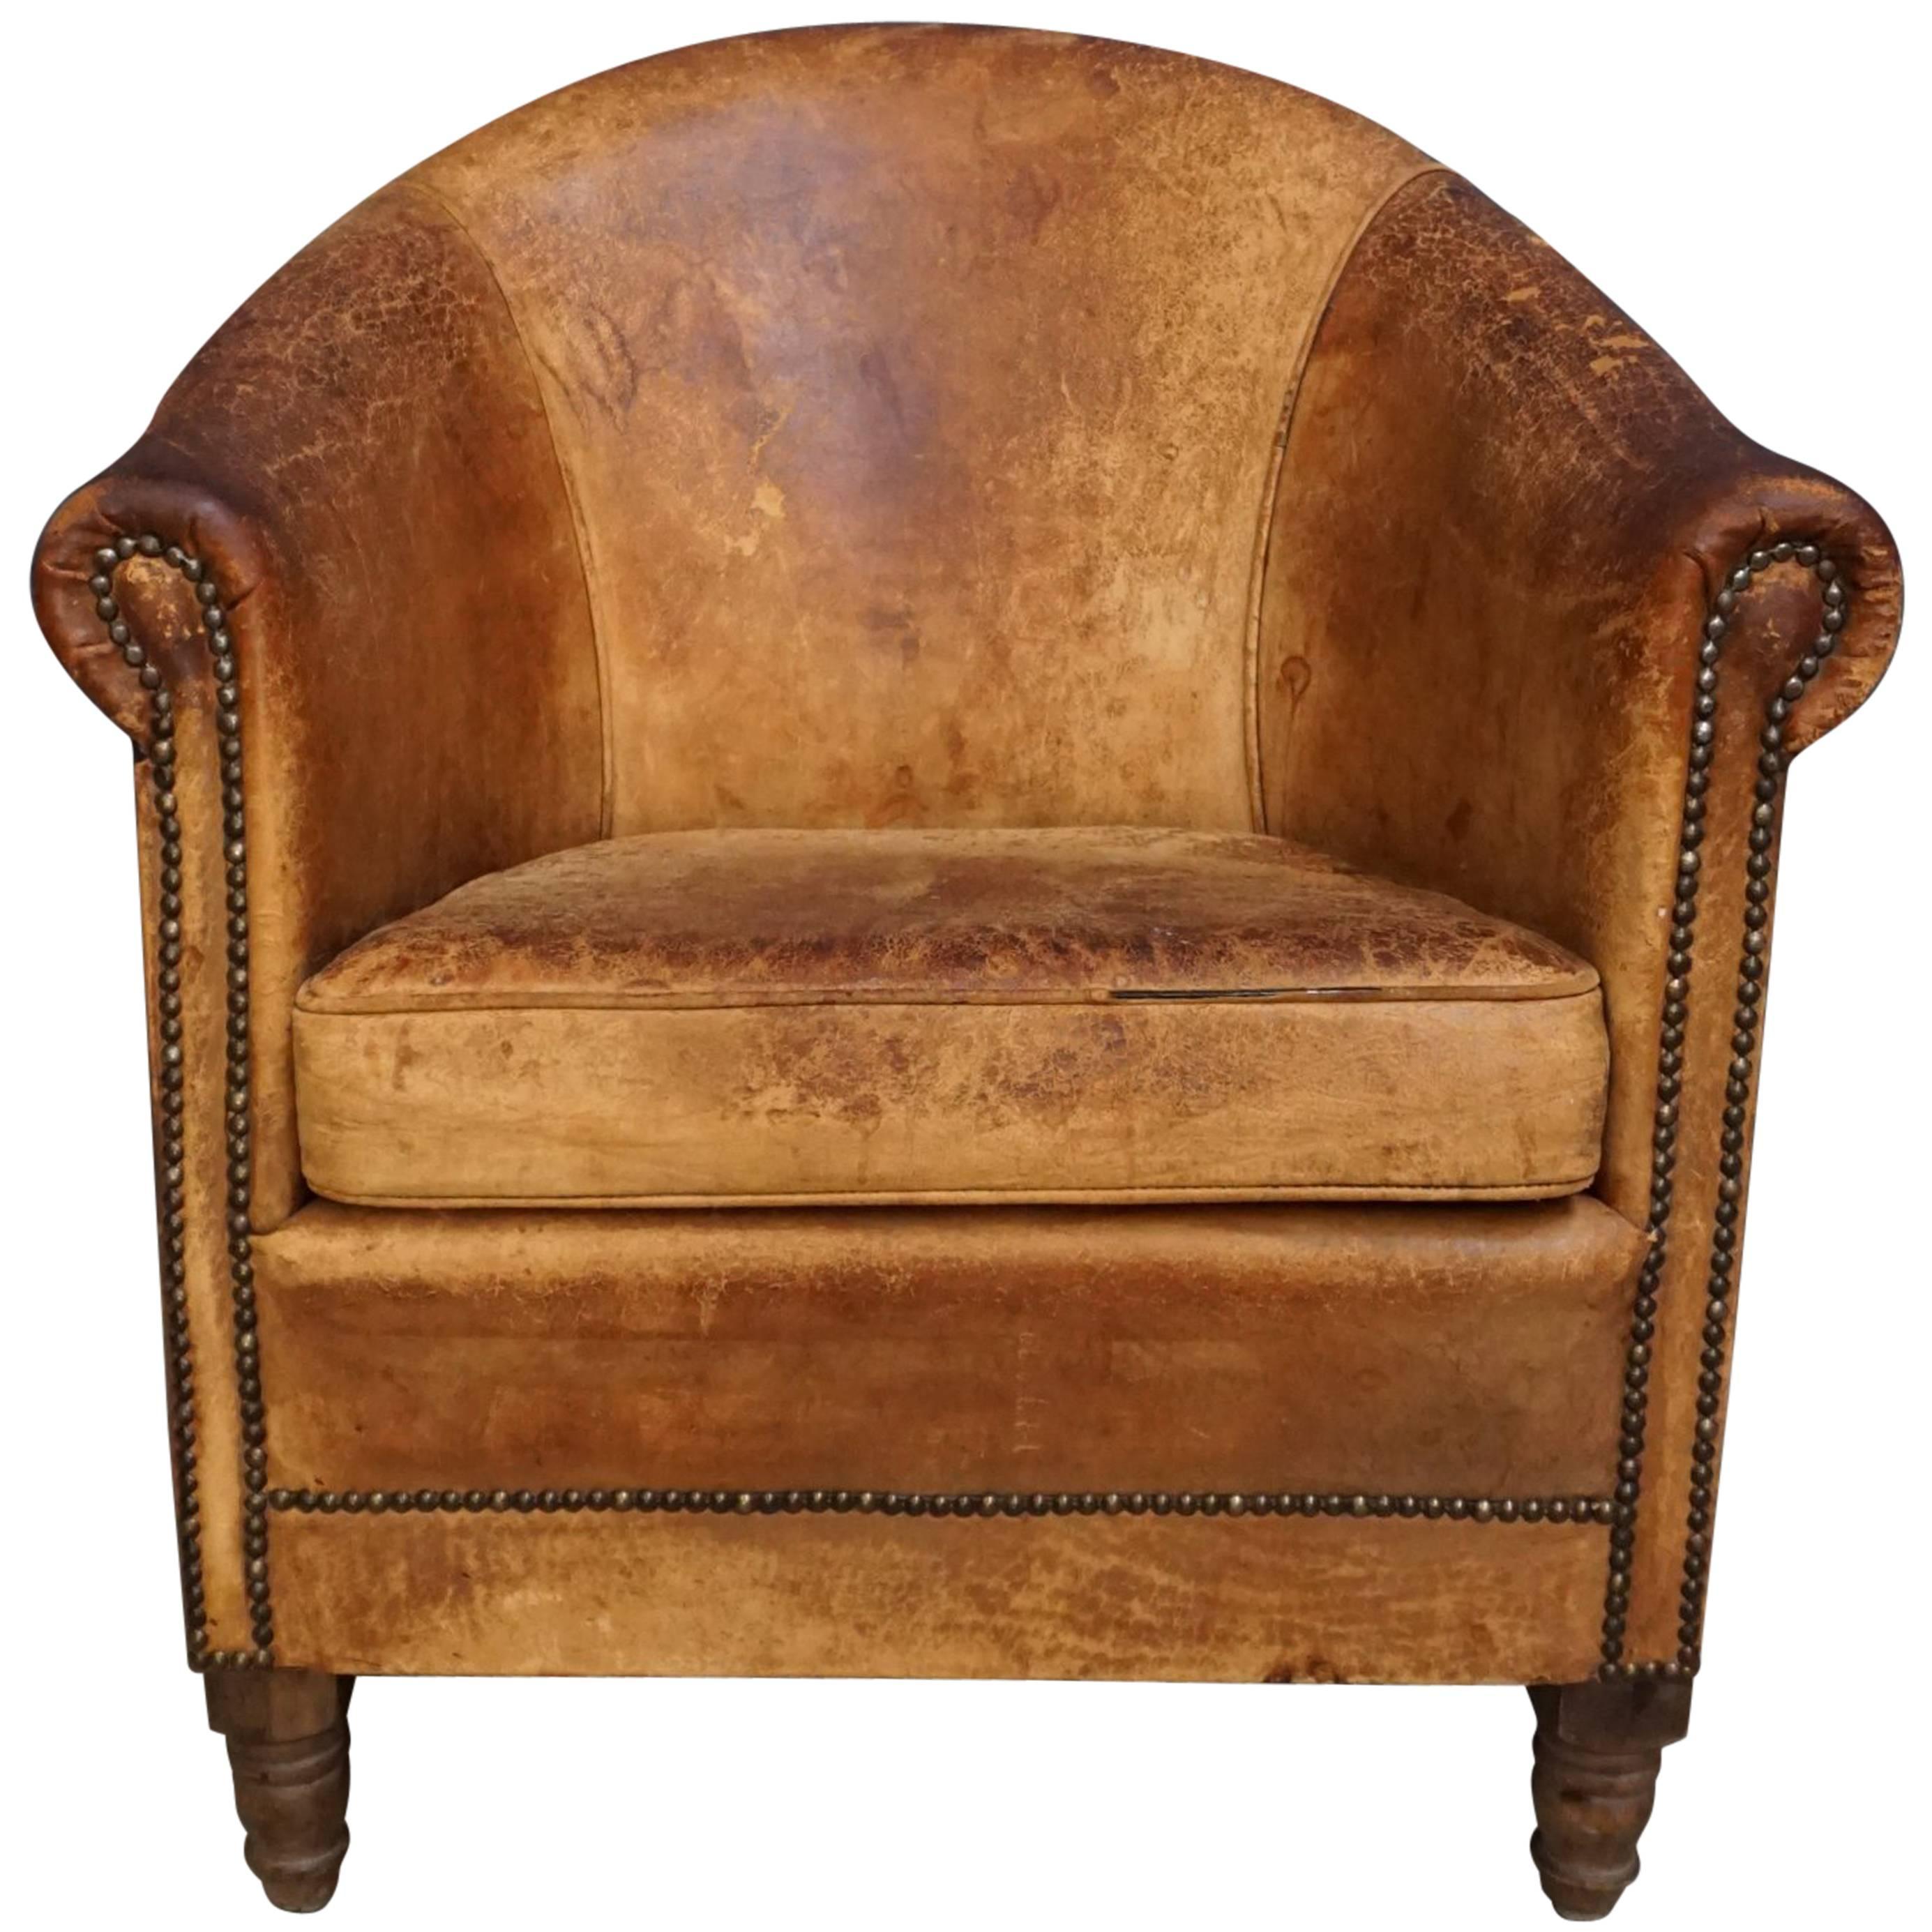 Dutch Vintage Cognac Colored Leather Club Chair